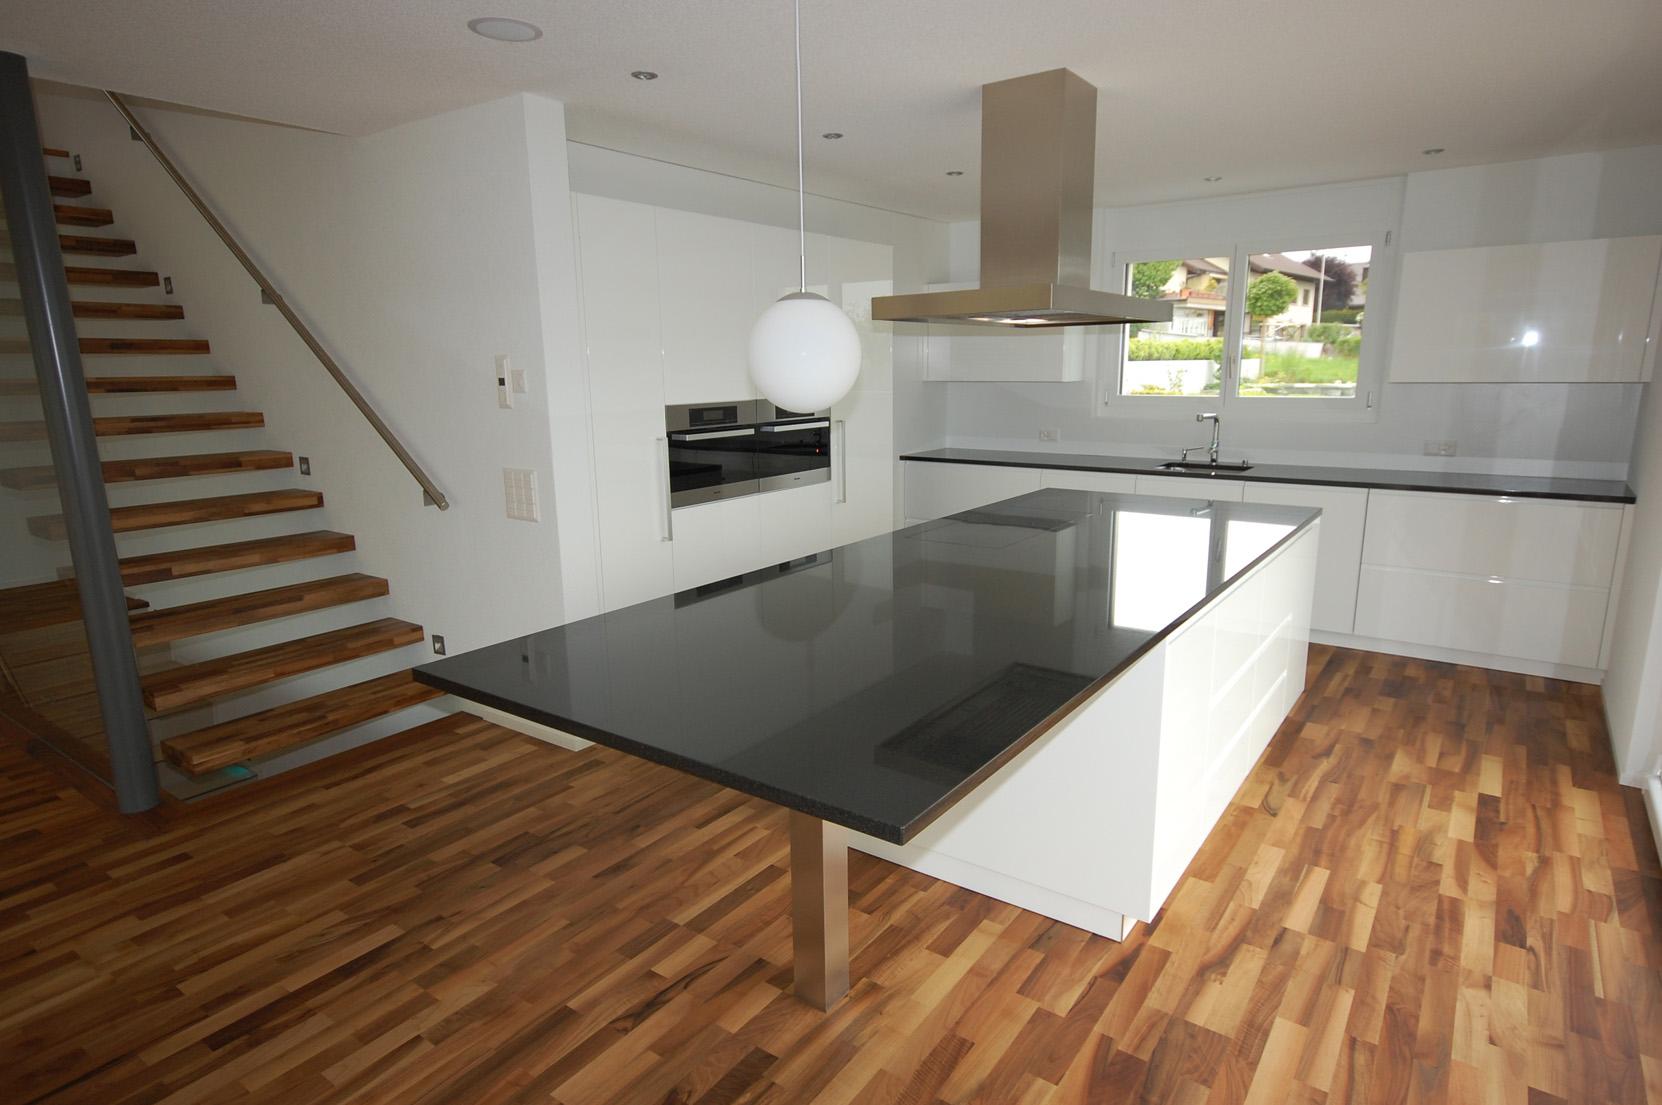 Einfamilienhaus geissackerweg bettlach architektur und for Raumgestaltung architektur